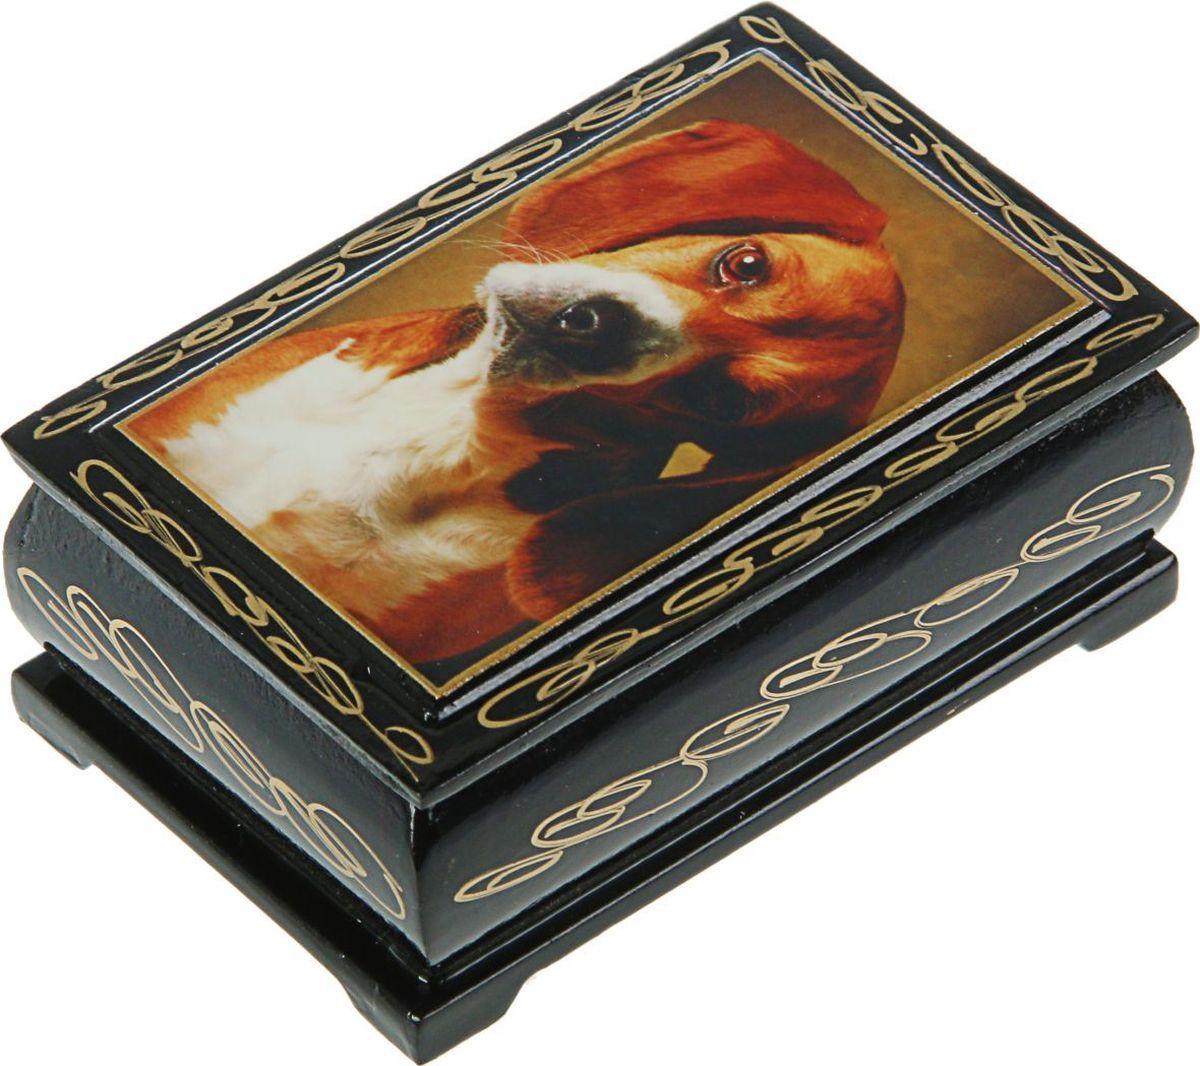 Шкатулка Sima-land Собаки. Лаковая миниатюра, цвет: черный, 6 см х 9 см. 24311472431141Шкатулка — это небольшой сувенир, а также оригинальная упаковка подарка. Она дополнит интерьер спальни, гостиной или прихожей. Изделие предназначено для хранения украшений: колец, браслетов, часов, цепочек, колье, сережек и прочих предметов.